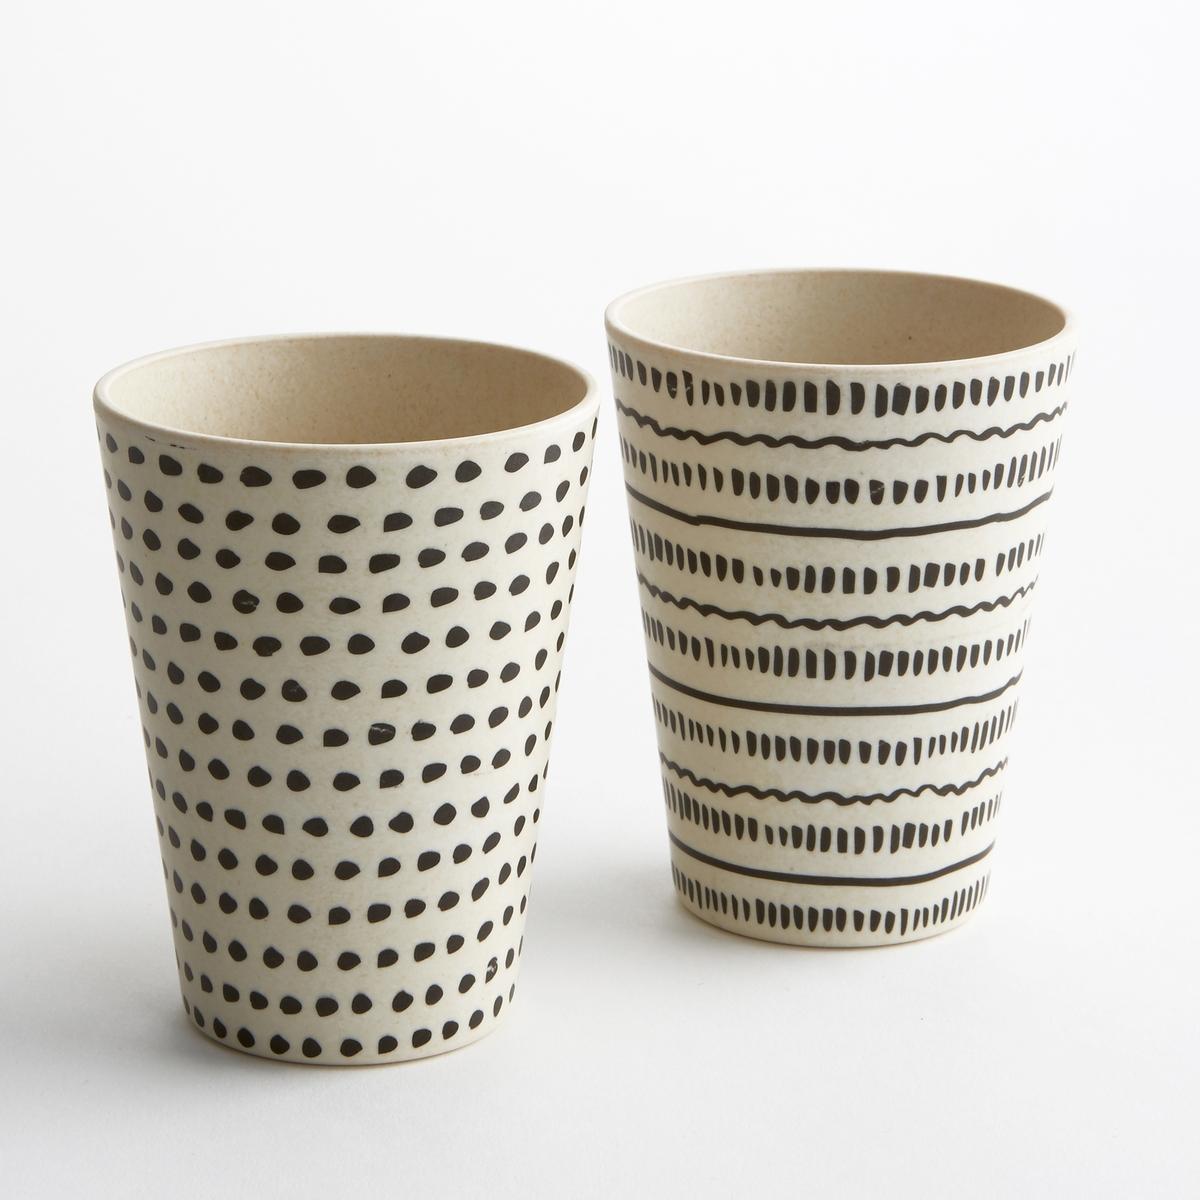 Комплект из 4 стаканчиков из бамбука Bamboska4 стаканчика из бамбука Bamboska. Экзотический материал, графичный этнический стиль : Красивые и практичные стаканчики Bamboska понадобятся Вам в различных ситуациях.Характеристики 4 стаканчиков из бамбука с рисунком Bamboska :Бамбук с рисунком, 2 разных узора.Не подходят для мытья в посудомоечной машине и использования в микроволновой печиРазмеры 4 стаканчиков из бамбука с рисунком Bamboskа :Диаметр. 8,3 x 11 см.Бамбук с рисунком, 2 разных узора.Другие модели комплекта и другие коллекции предметов декора стола вы можете найти на сайте laredoute.<br><br>Цвет: набивной рисунок